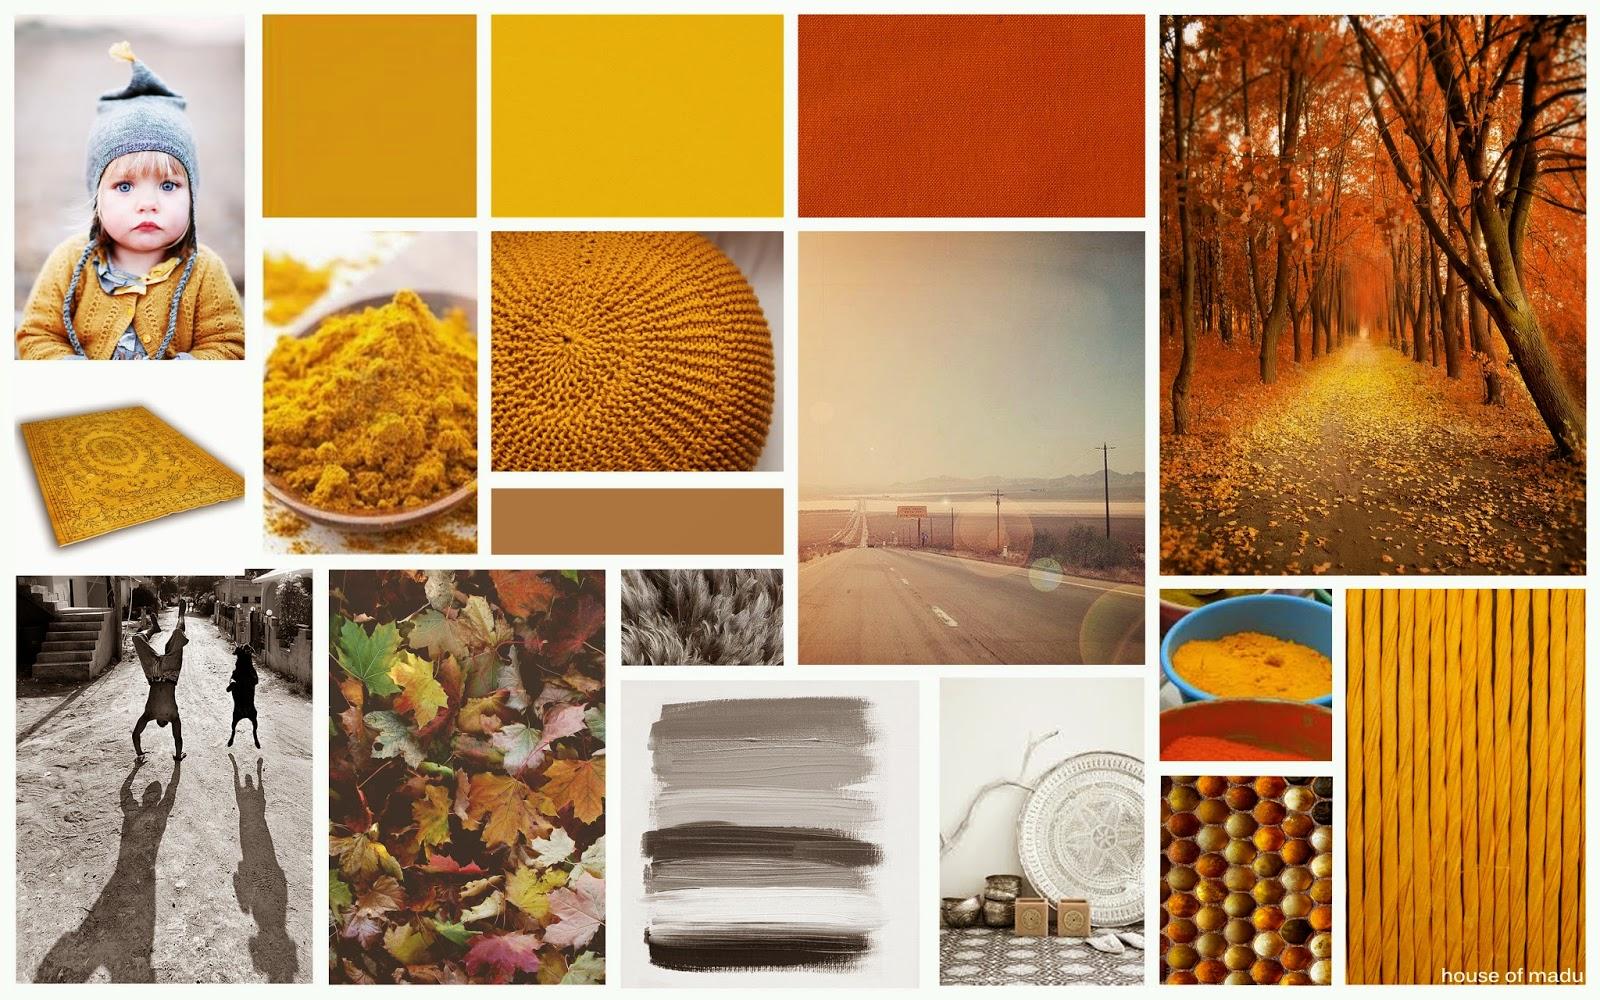 House of madu blog warme kleuren voor een knusse herfst - Kussen oranje en bruin ...